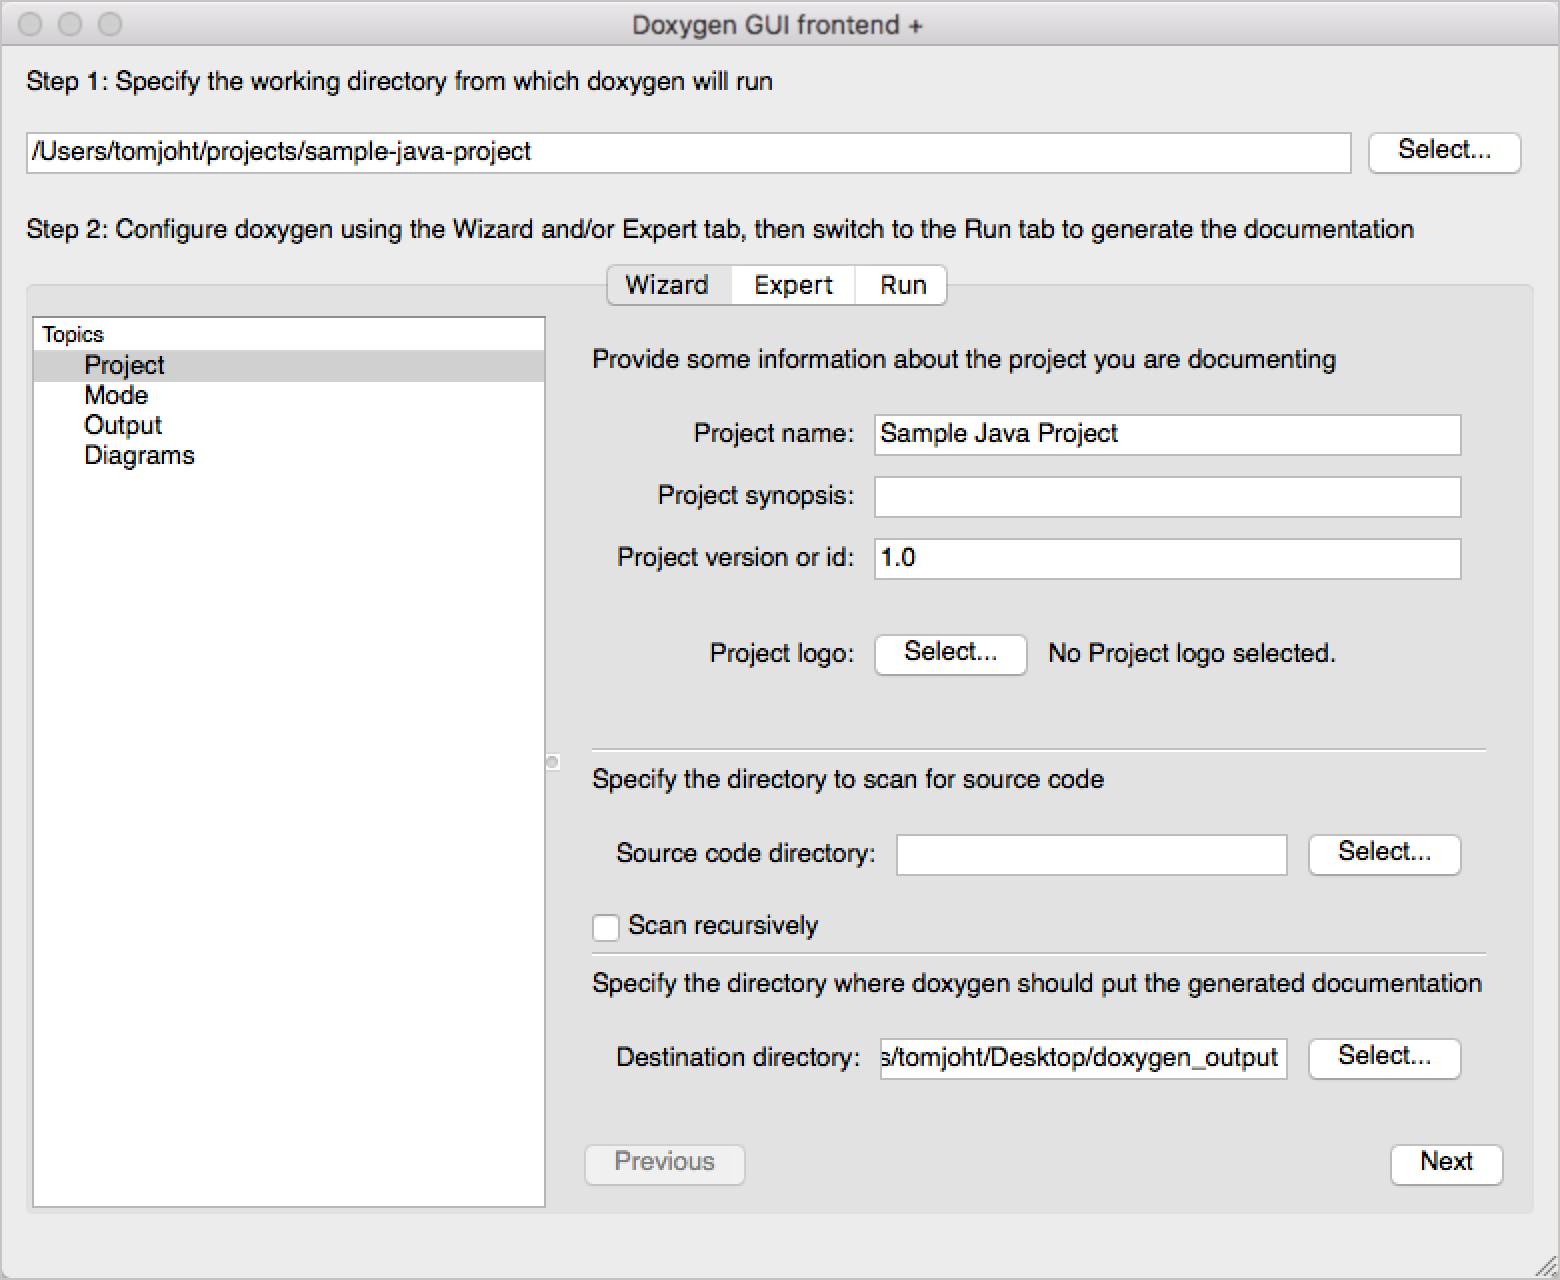 Doxygen front-end GUI generator